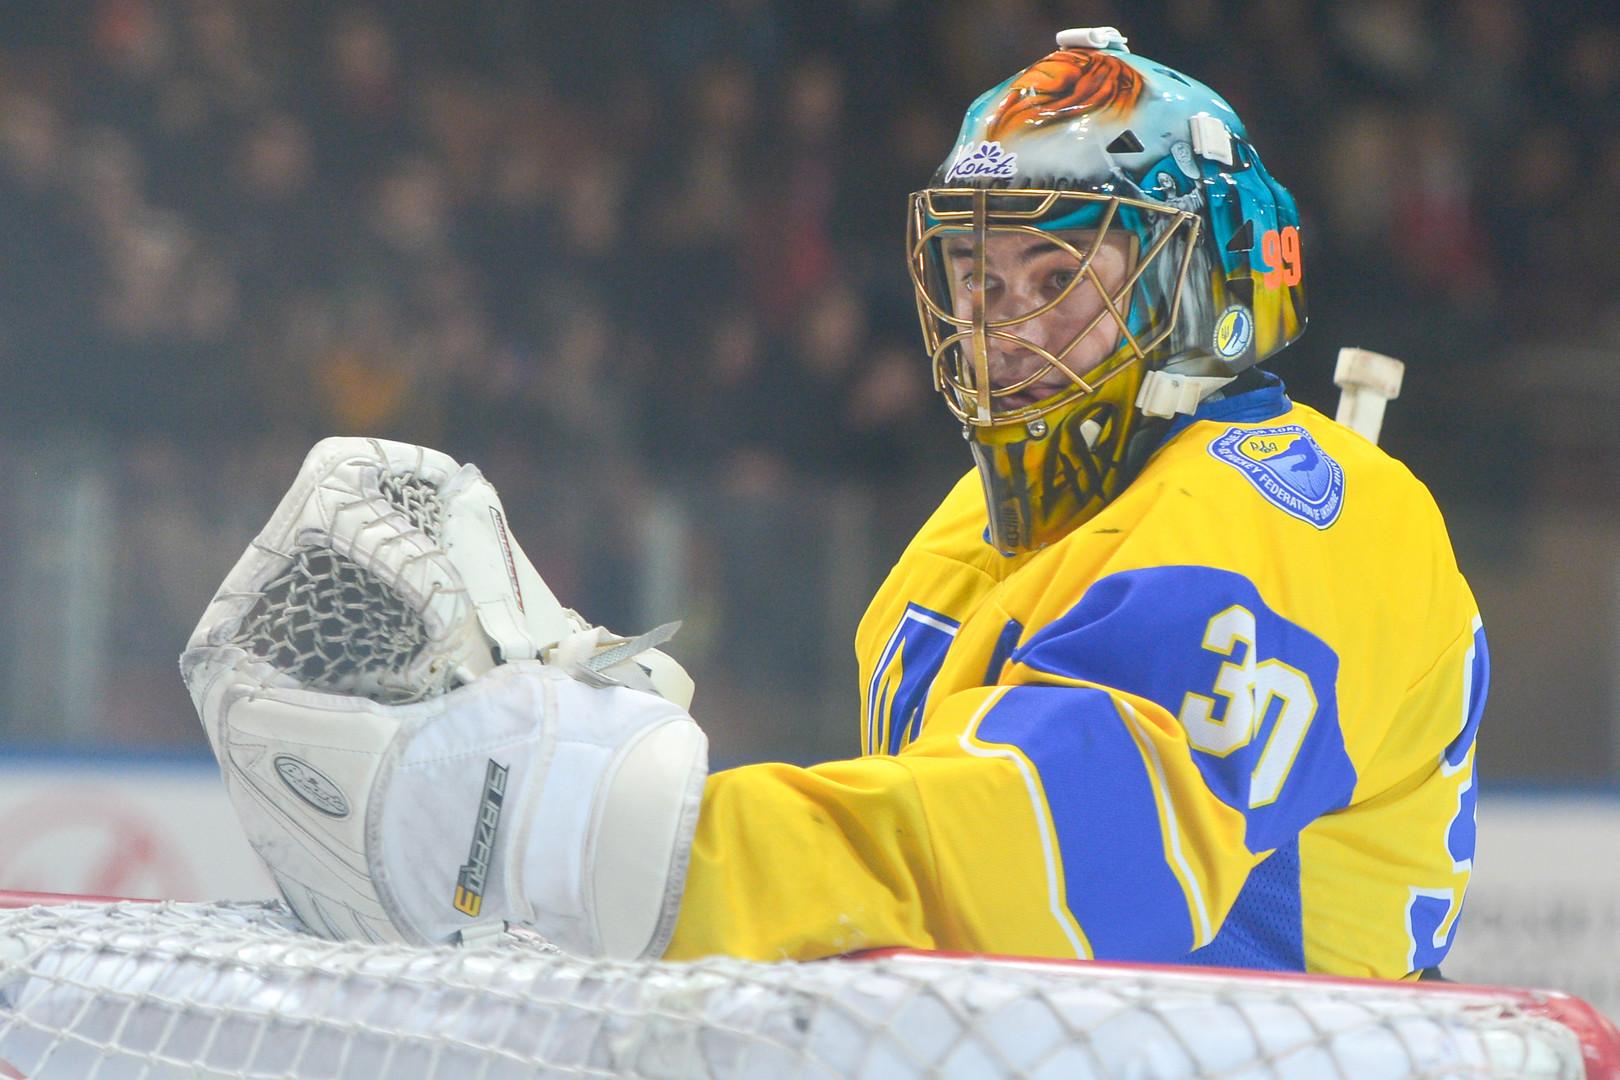 Хоккейный долг: два игрока сборной Украины признались в сдаче матча ЧМ и обещали вернуть по $30 тысяч